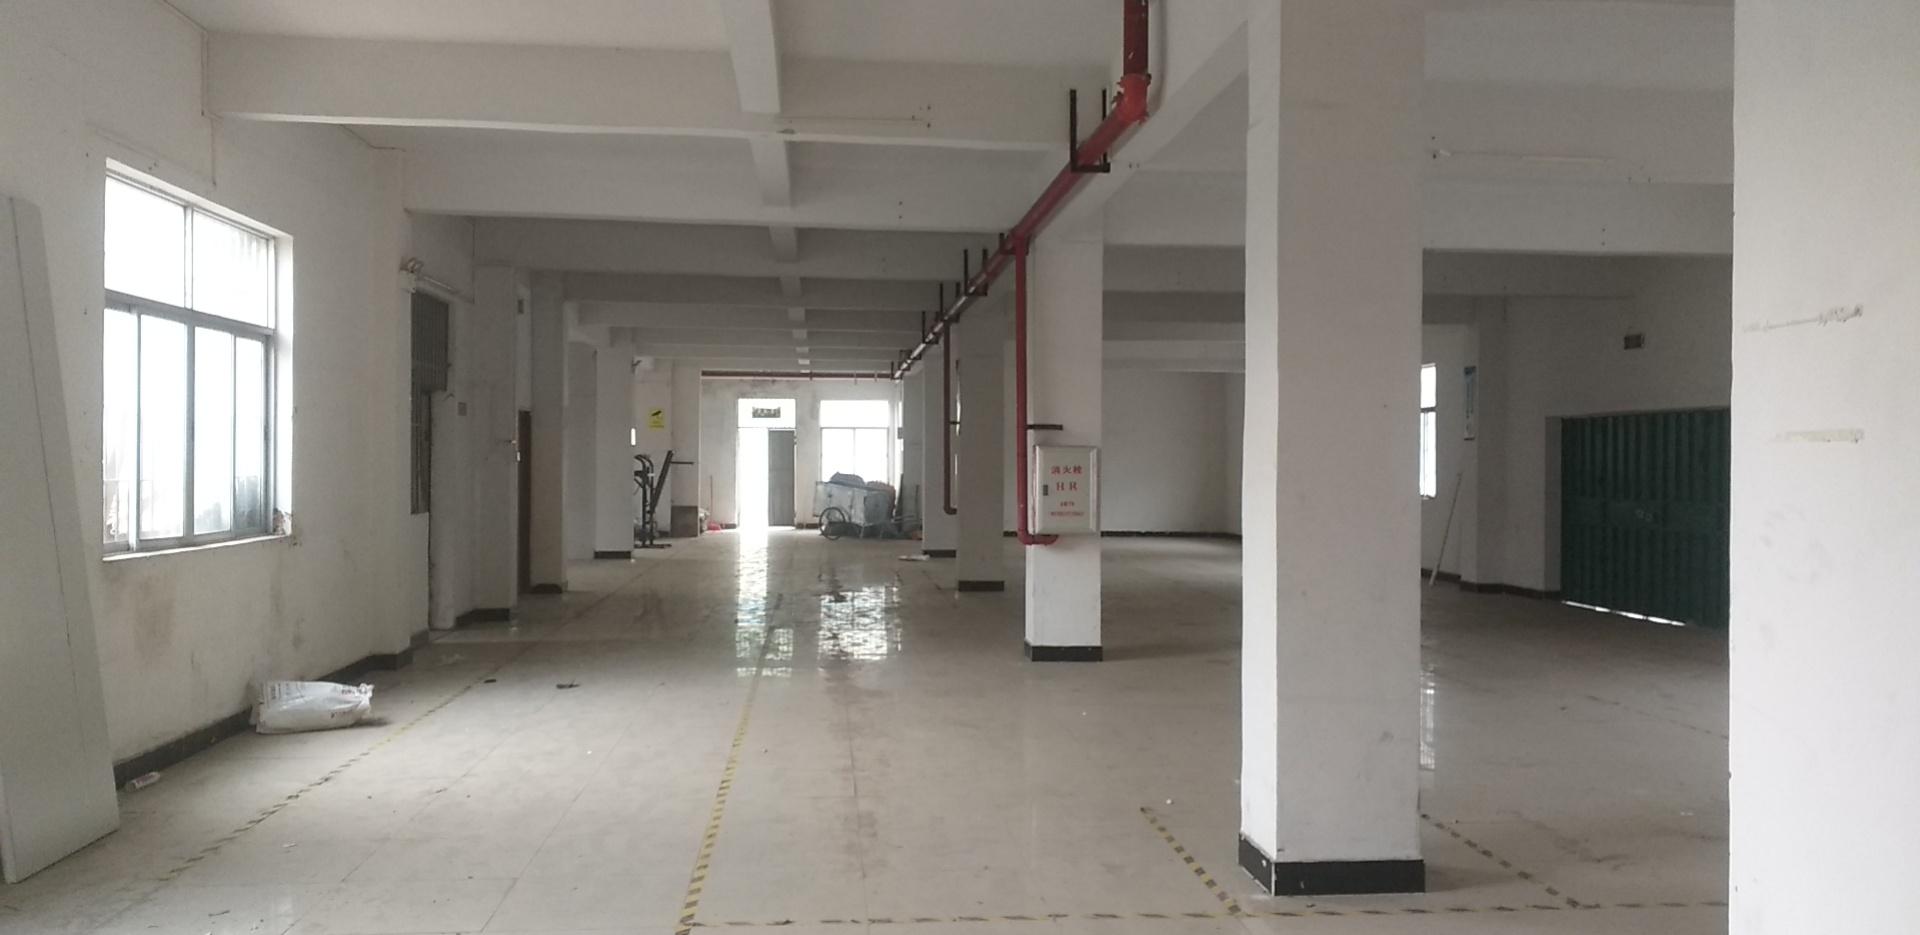 花都区花山镇两龙村工业区厂房500方厂房仓库出租